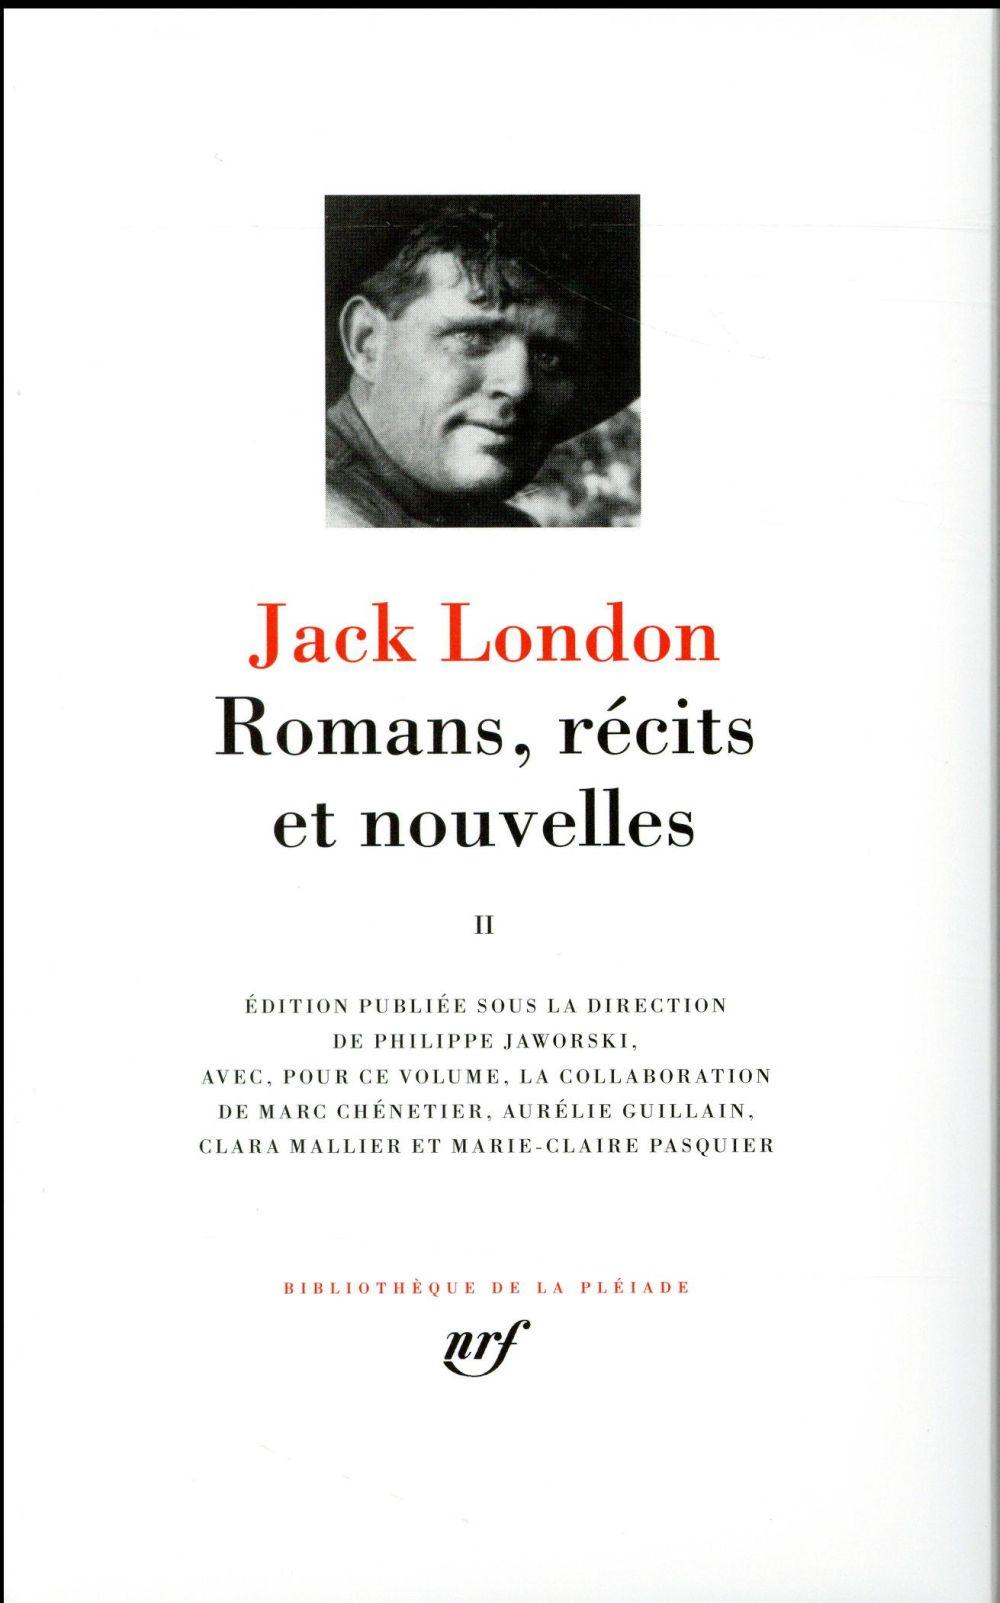 ROMANS, RECITS ET NOUVELLES (T LONDON JACK GALLIMARD